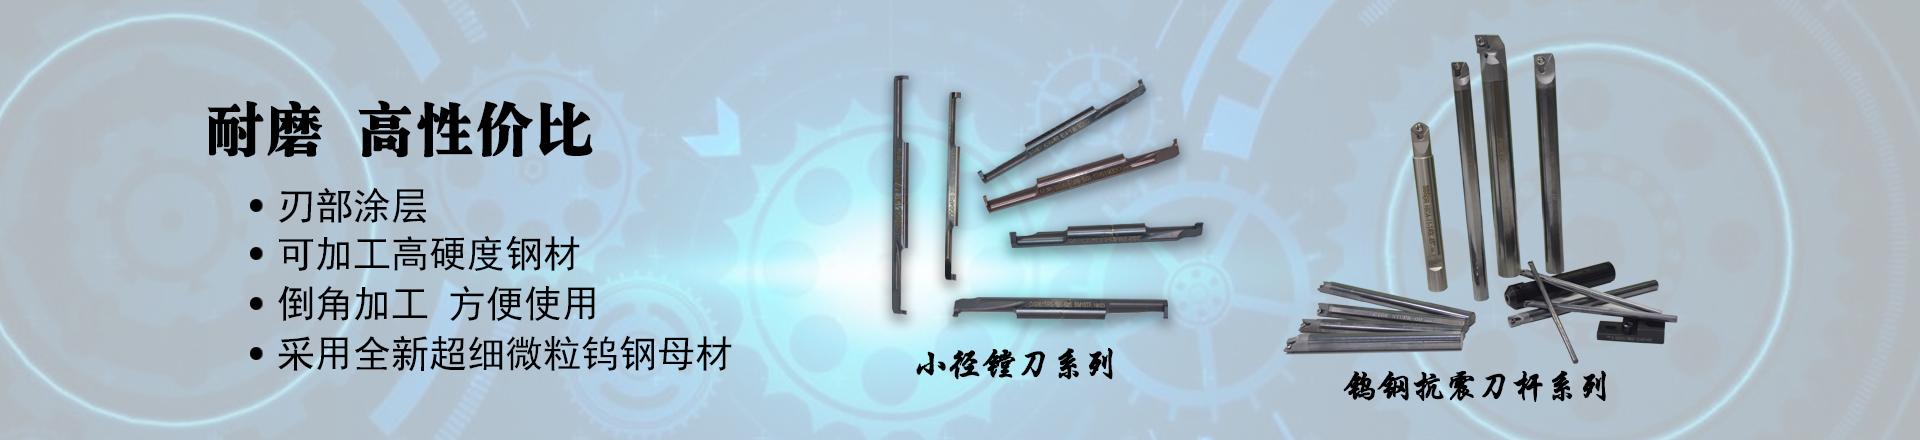 深圳市鑫明辉钻石刀具十一运夺金